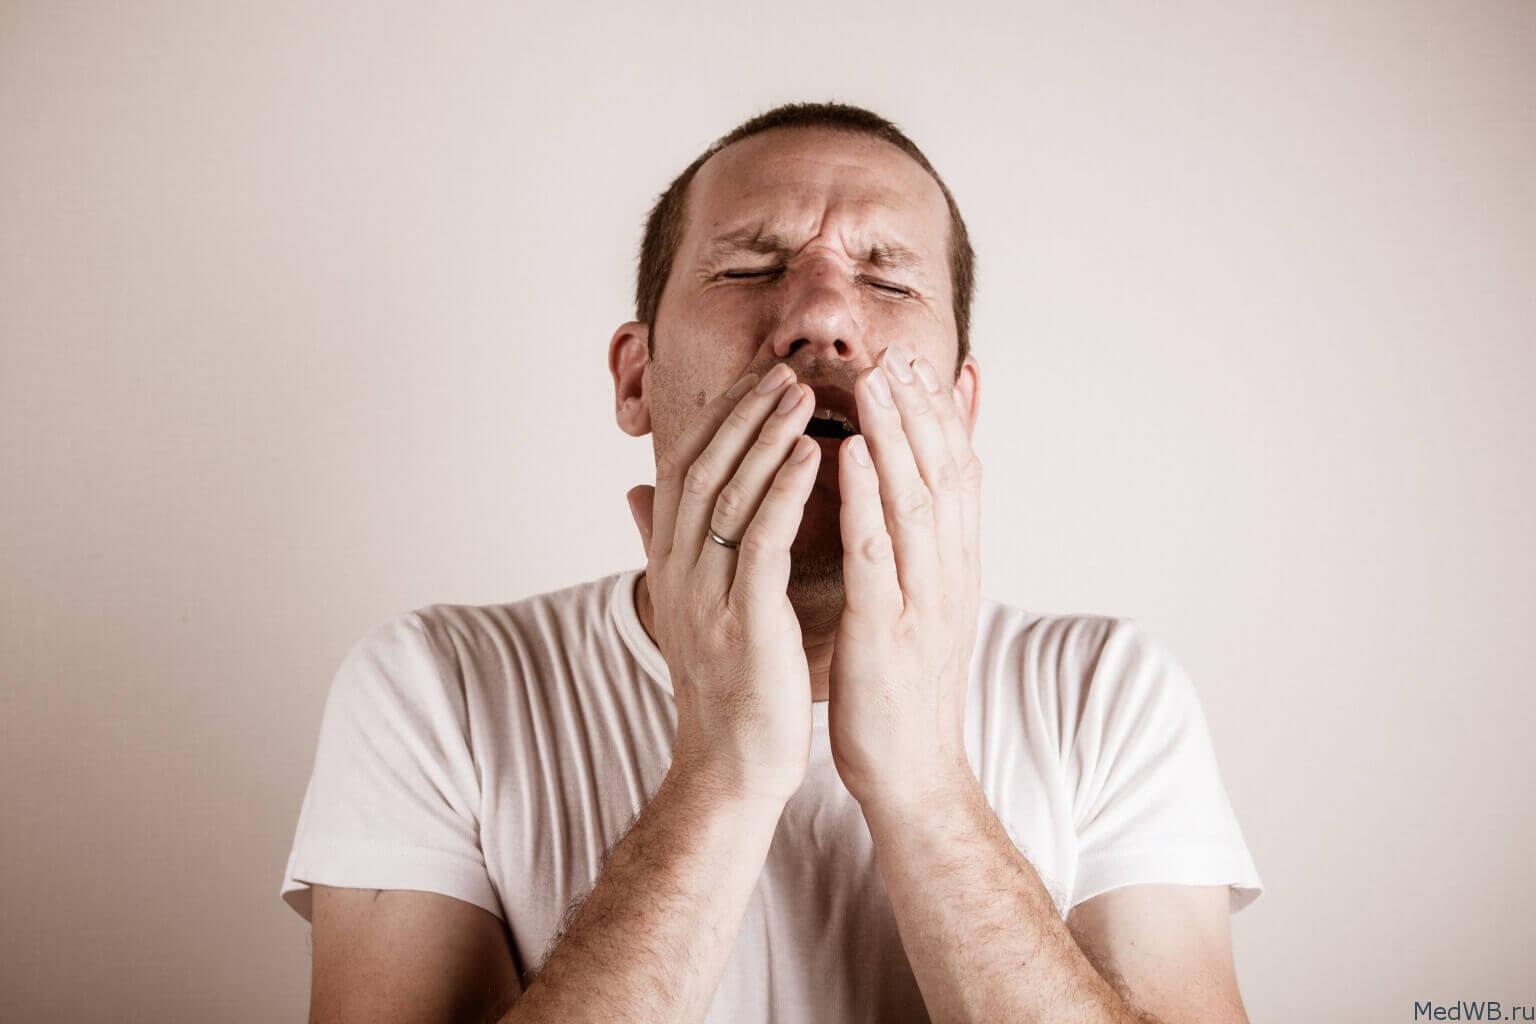 от сухости в горле начинается кашель до рвоты синтетические